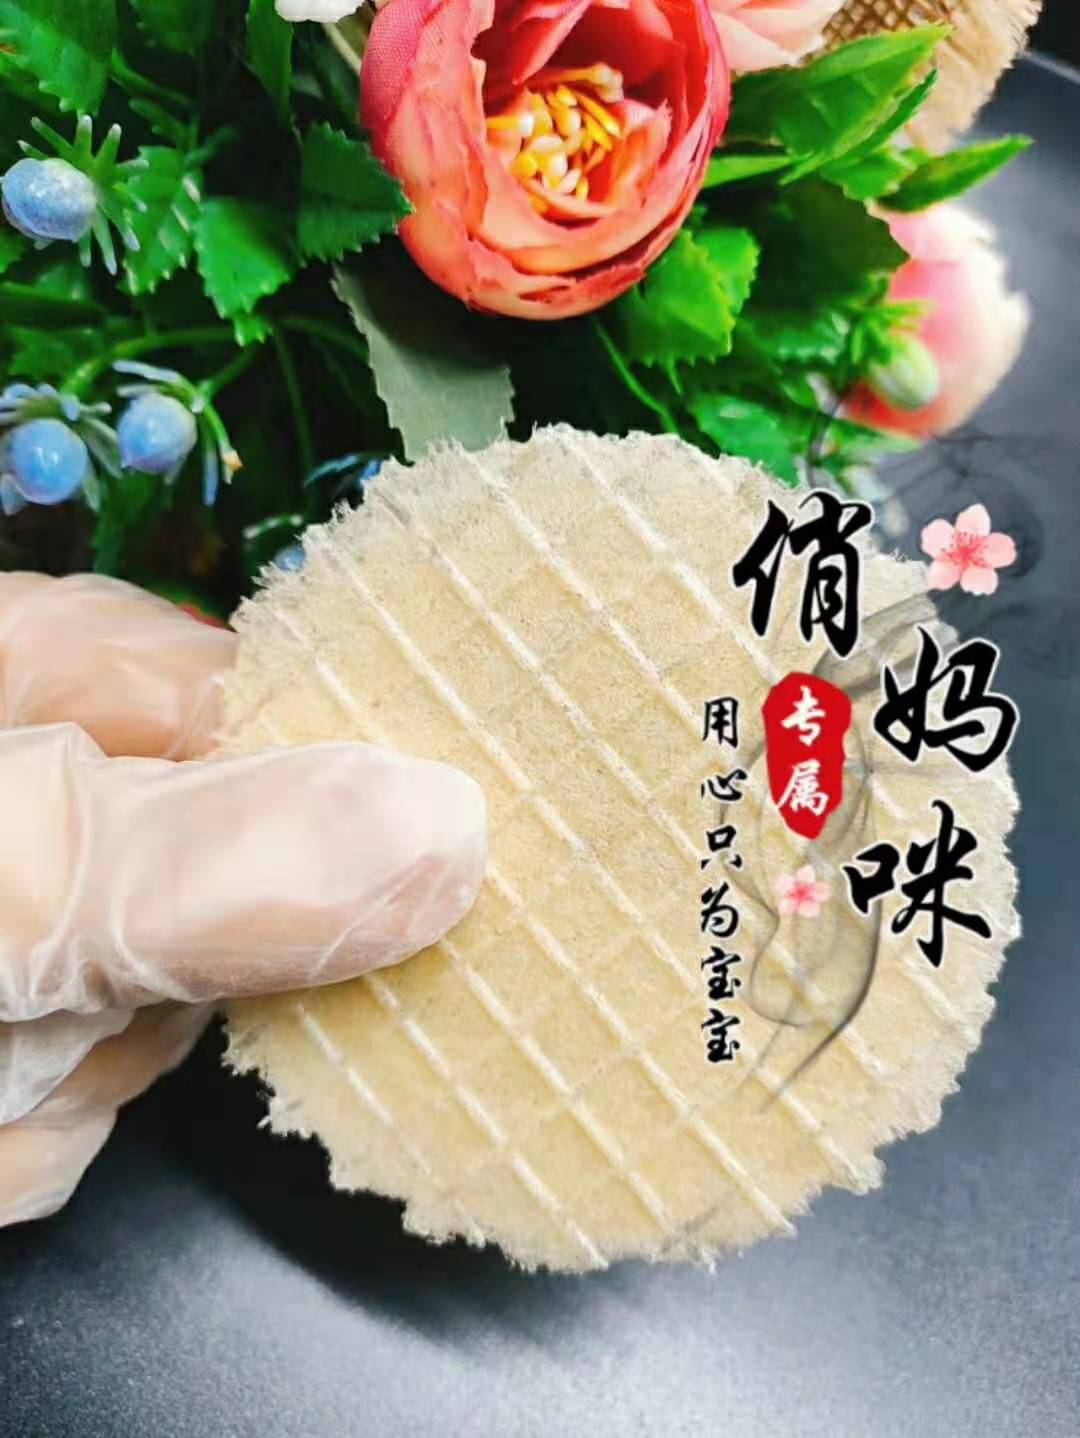 天津手工辅食代教 欢迎来电「郑州高新区俏妈咪手工食品供应」